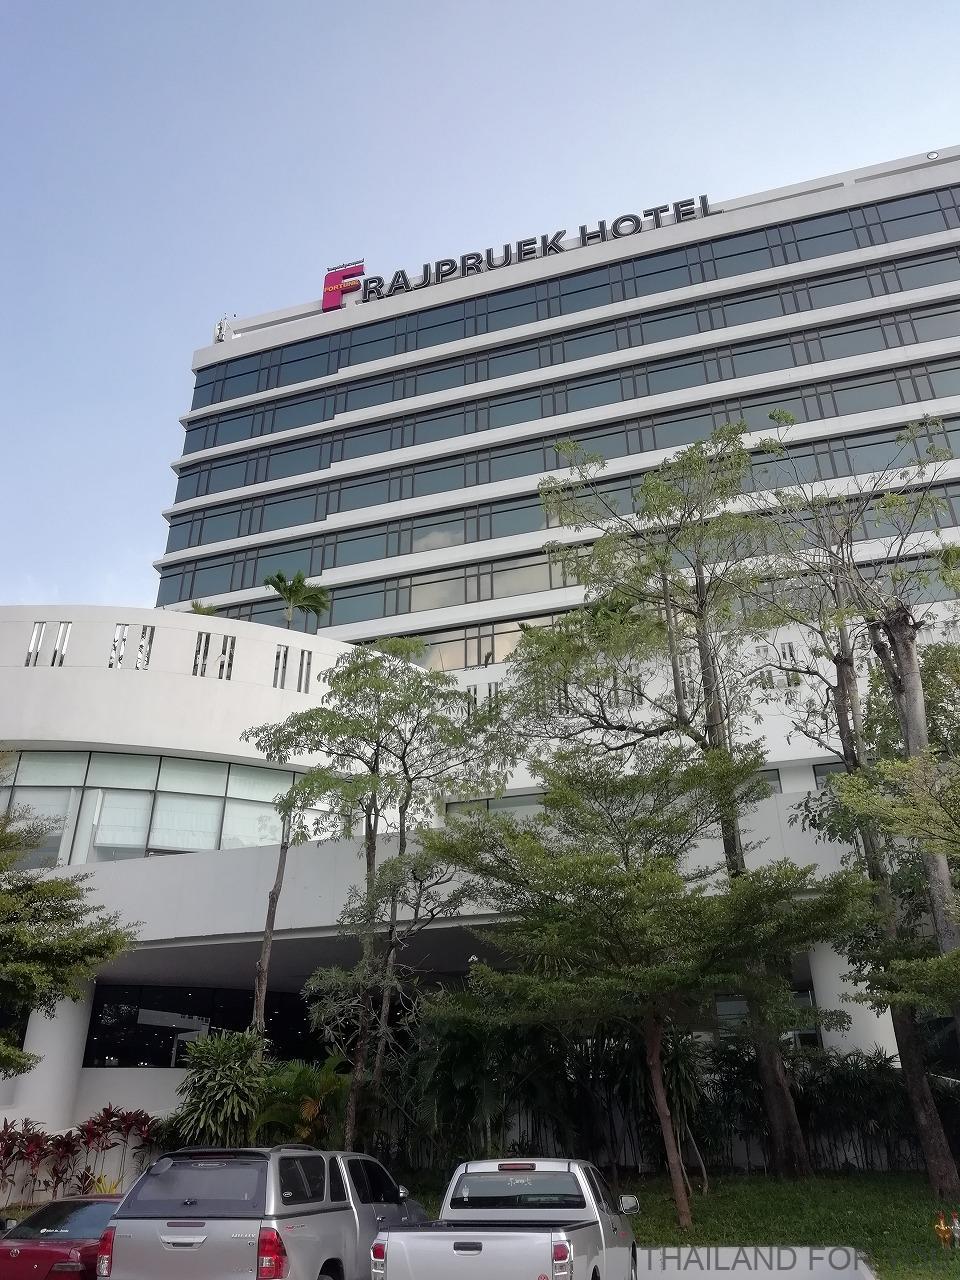 フォーチュン・ラジュプルークホテル(Fortune Rajpruek Hotel) コラート